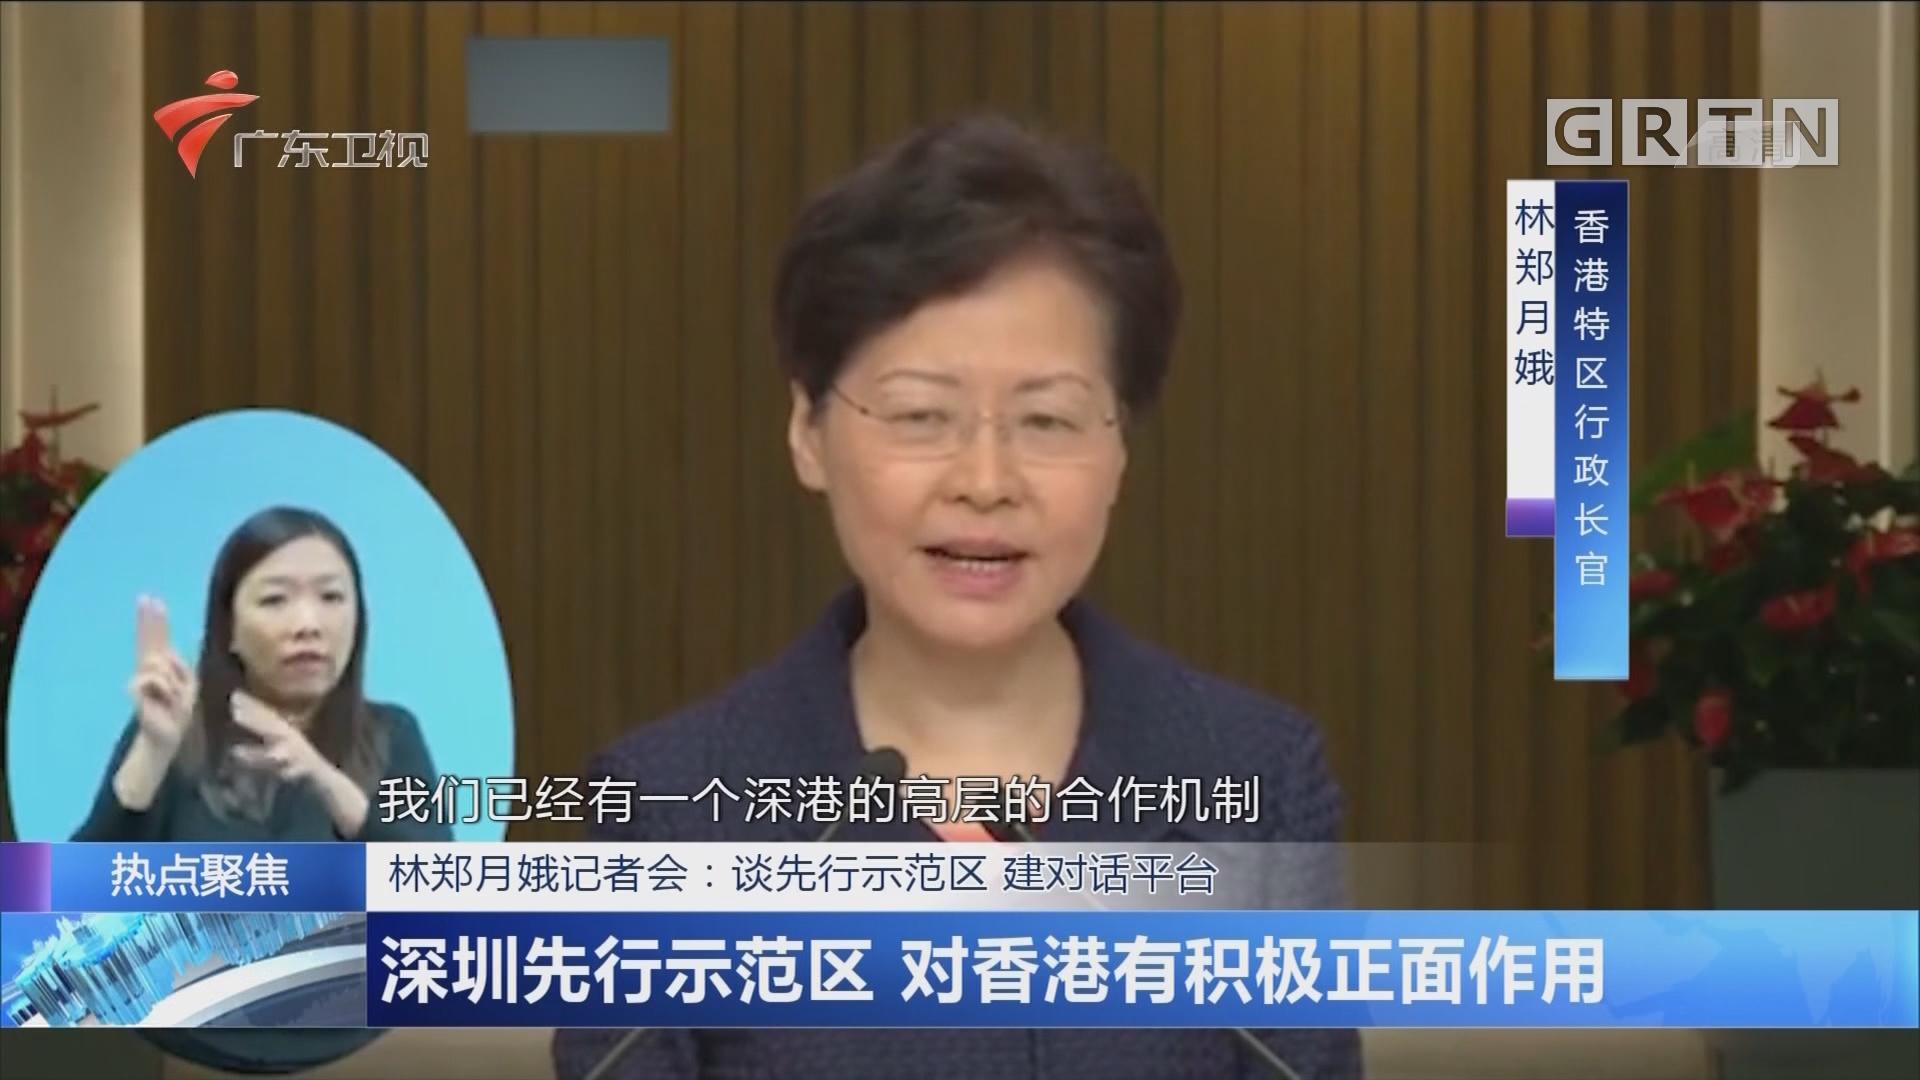 林郑月娥记者会:谈先行示范区 建对话平台 深圳先行示范区 对香港有积极正面作用